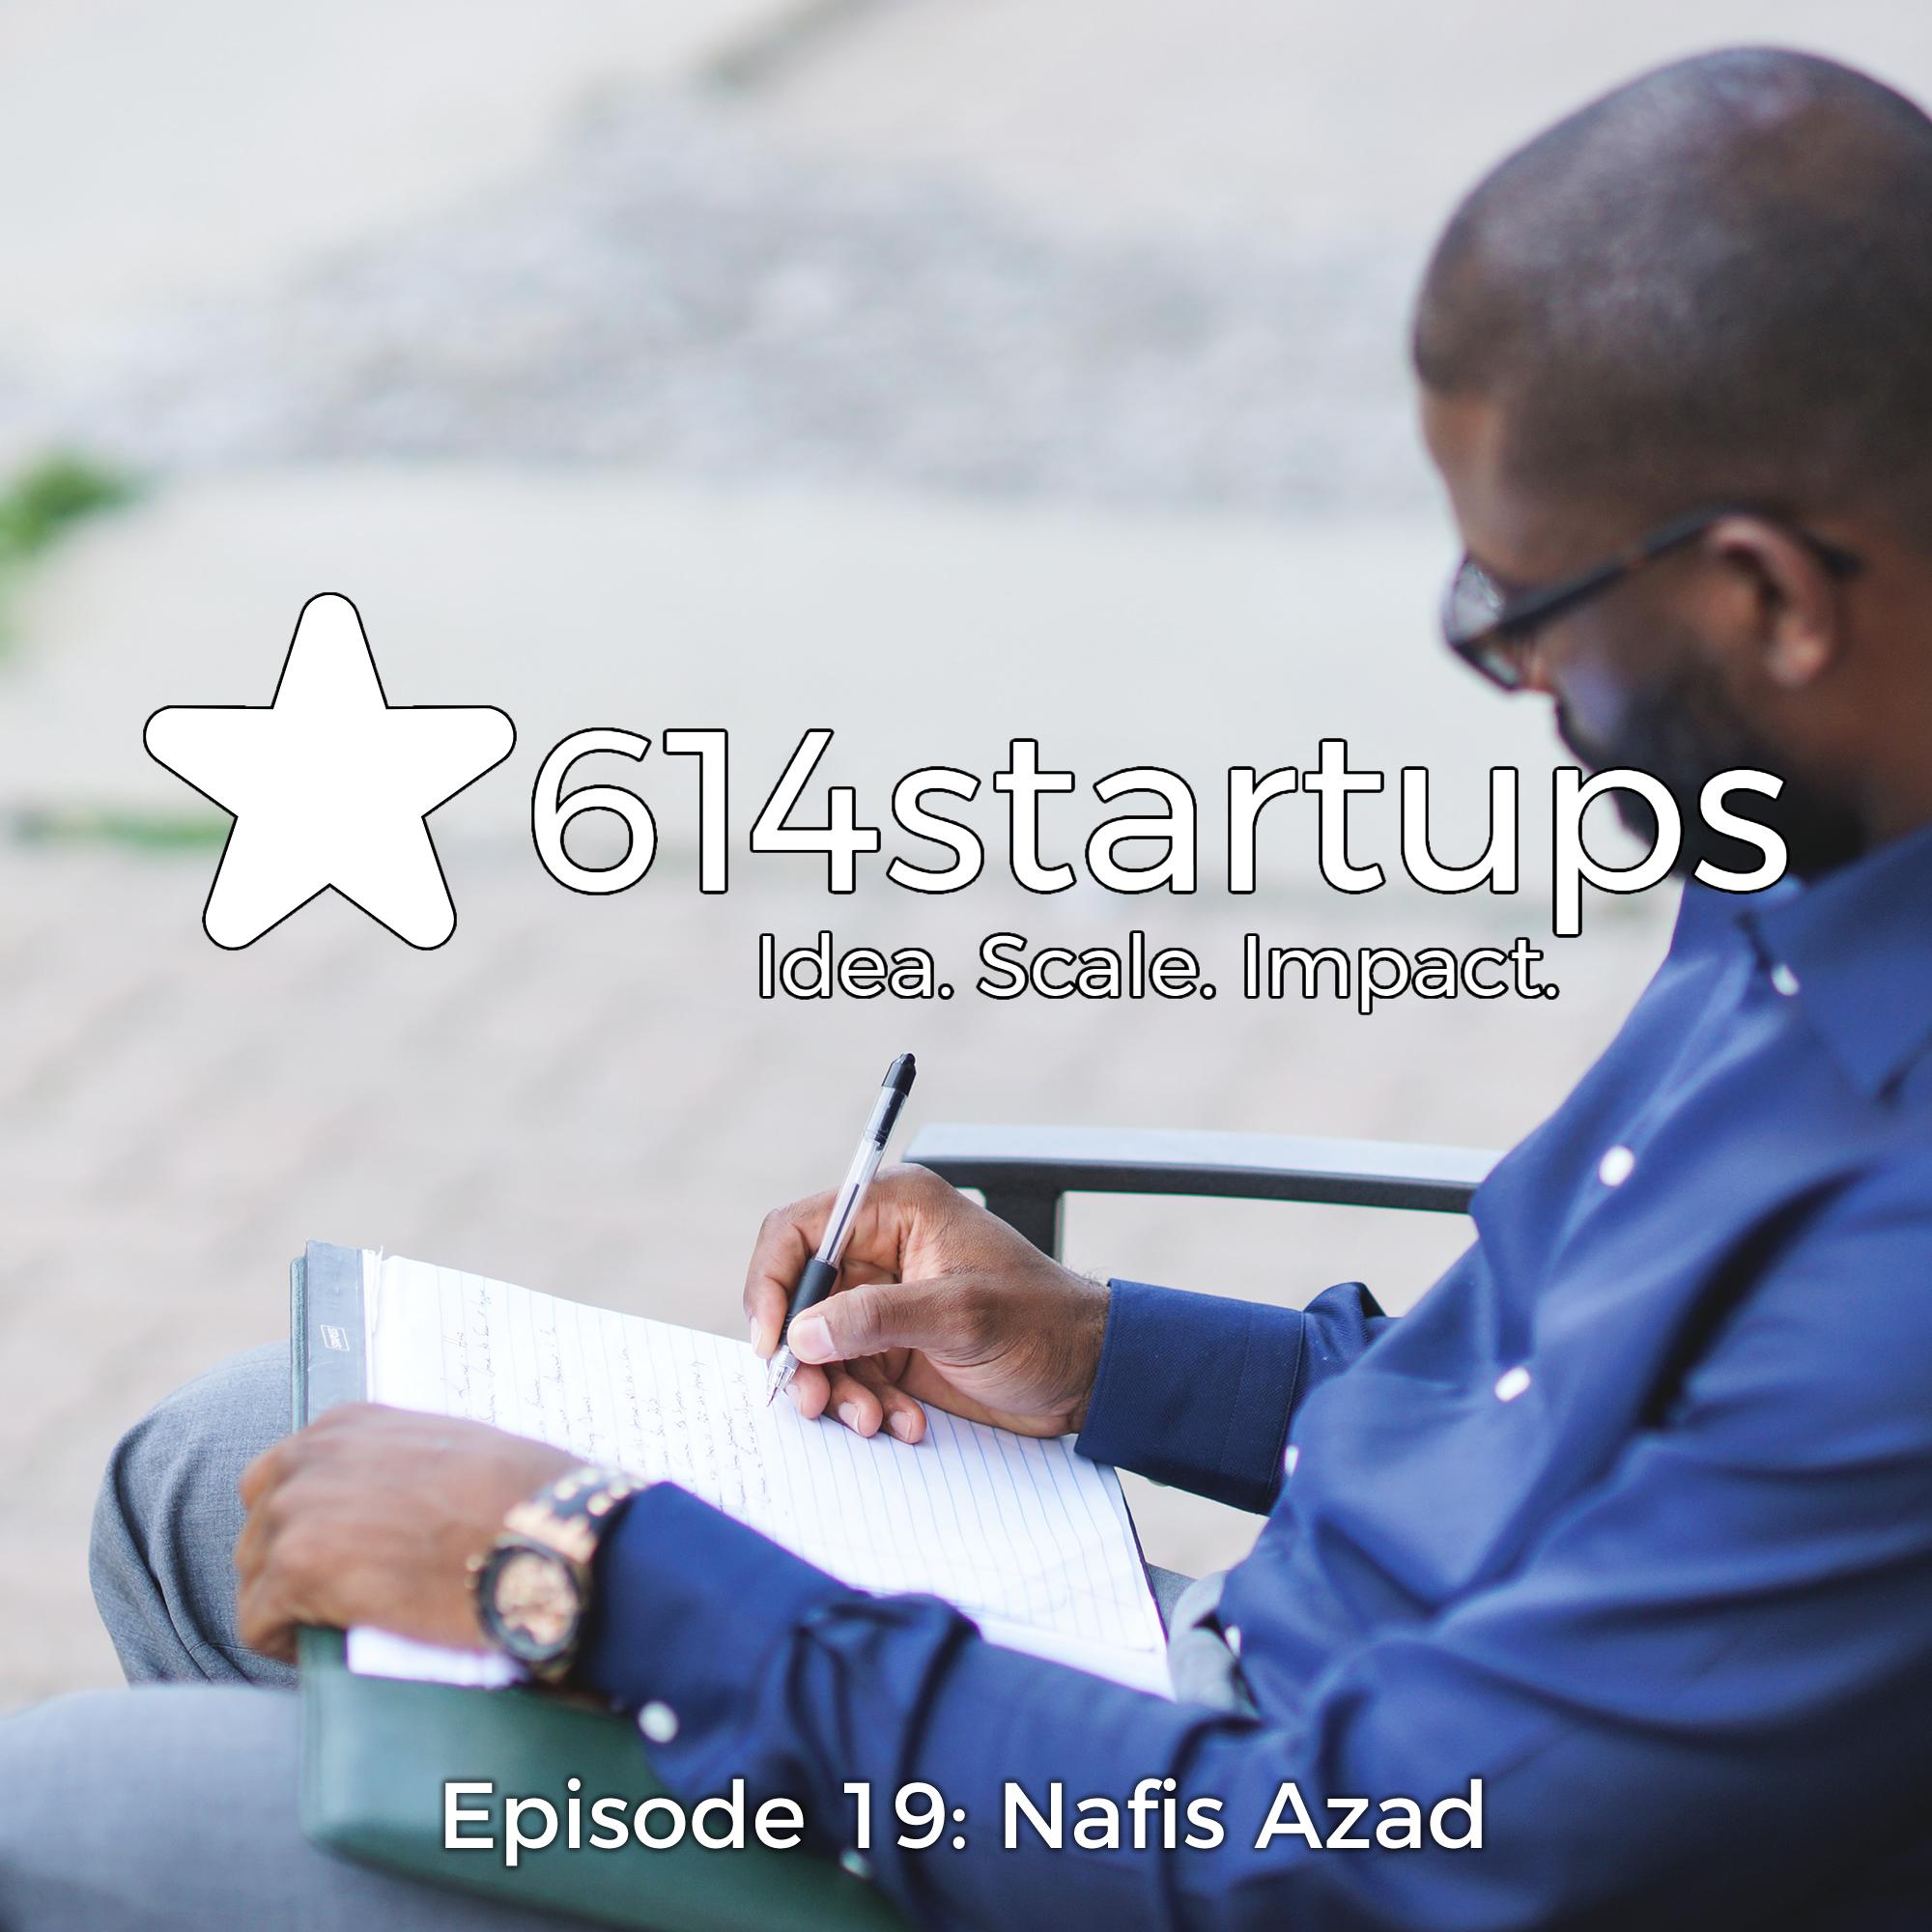 614SU - Episode 19 - Nafis Azad.jpg